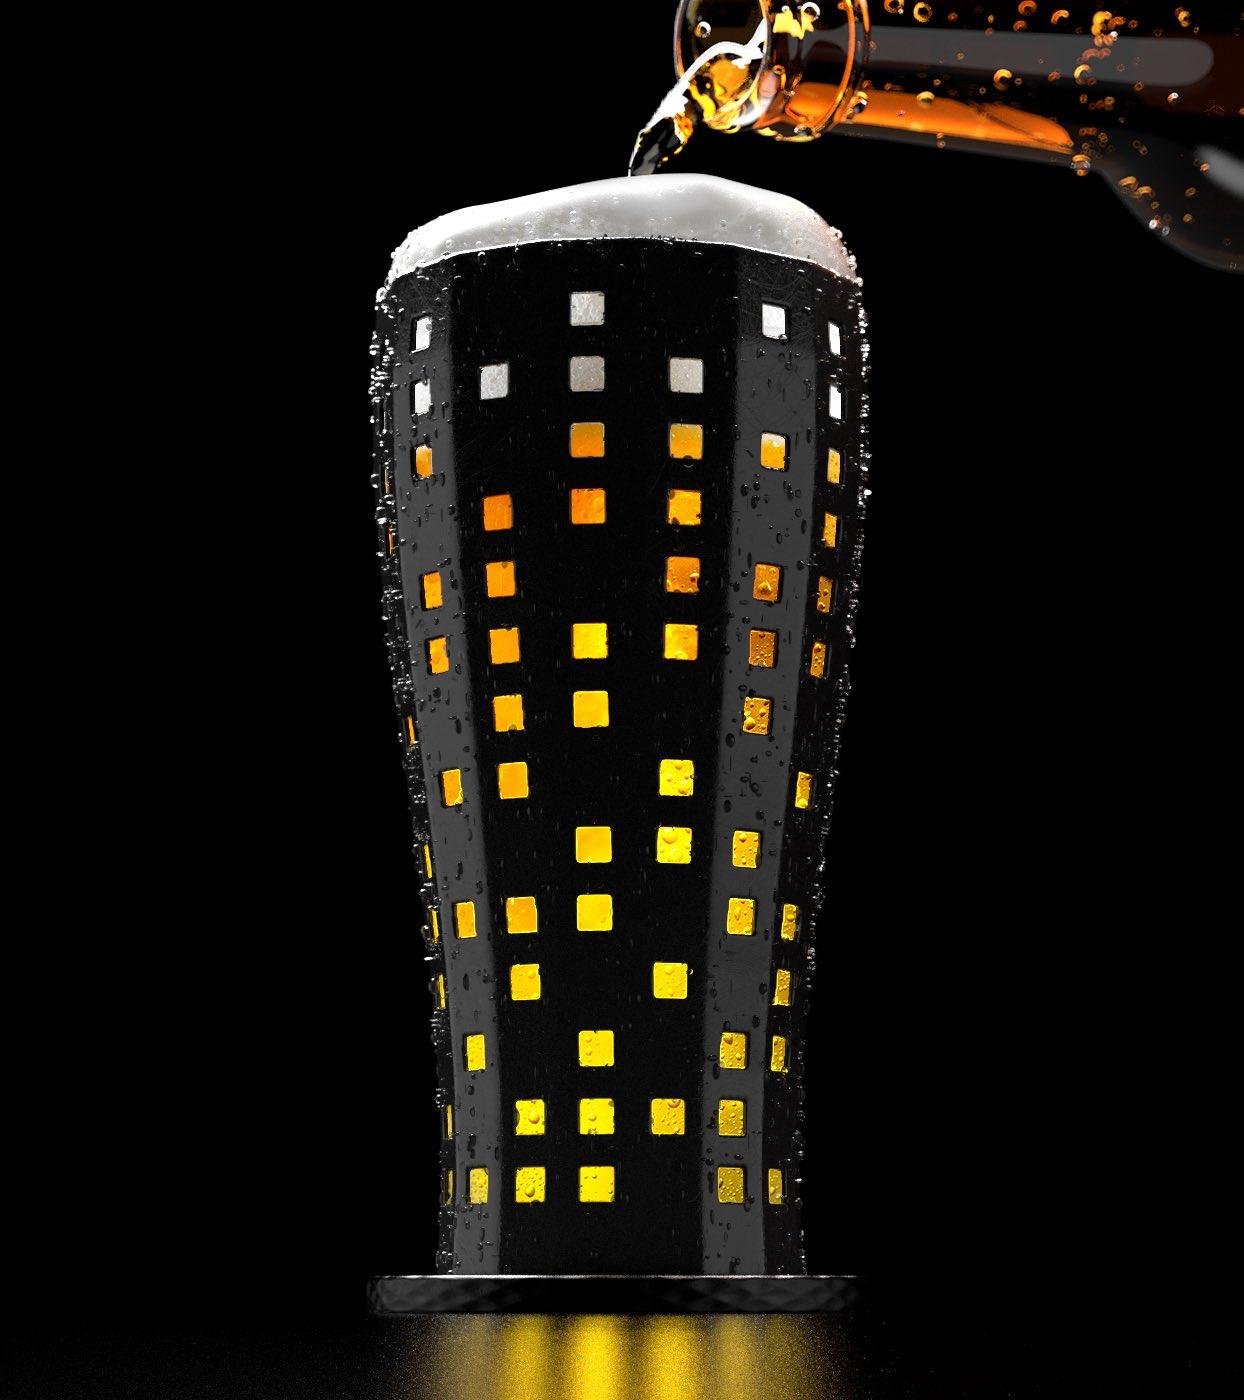 ビルのビールグラス02